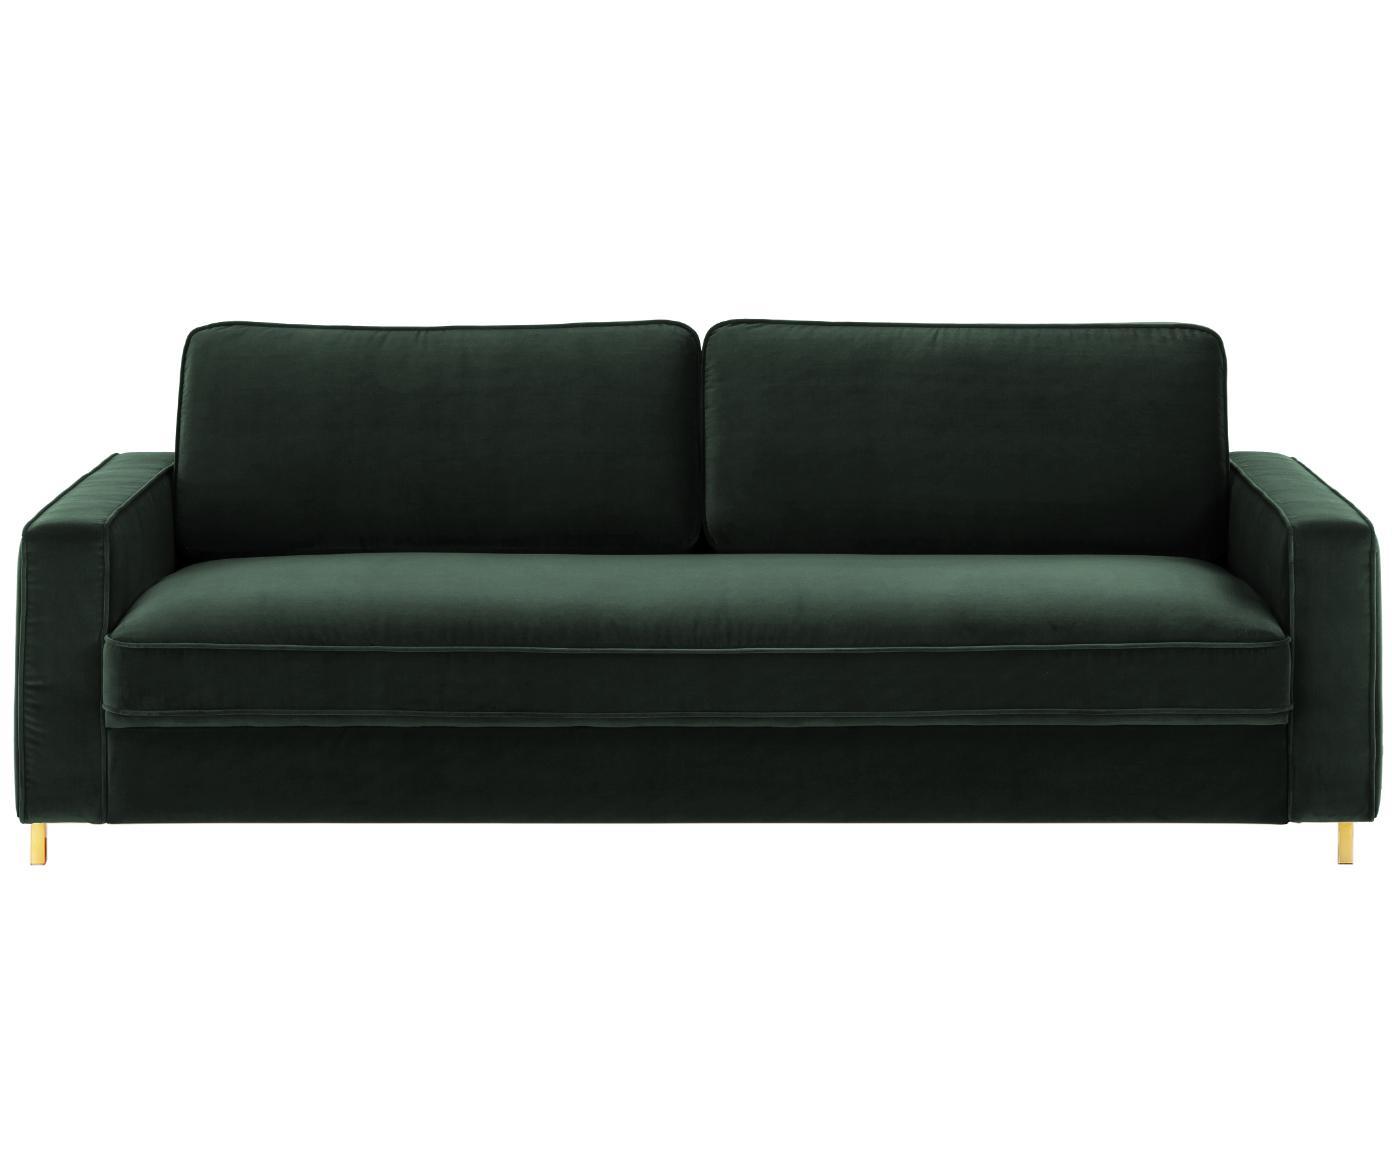 Samt-Sofa Chelsea (3-Sitzer), Bezug: Samt (Hochwertiger Polyes, Gestell: Massives Fichtenholz, Füße: Metall, beschichtet, Samt Dunkelgrün, B 228 x T 100 cm